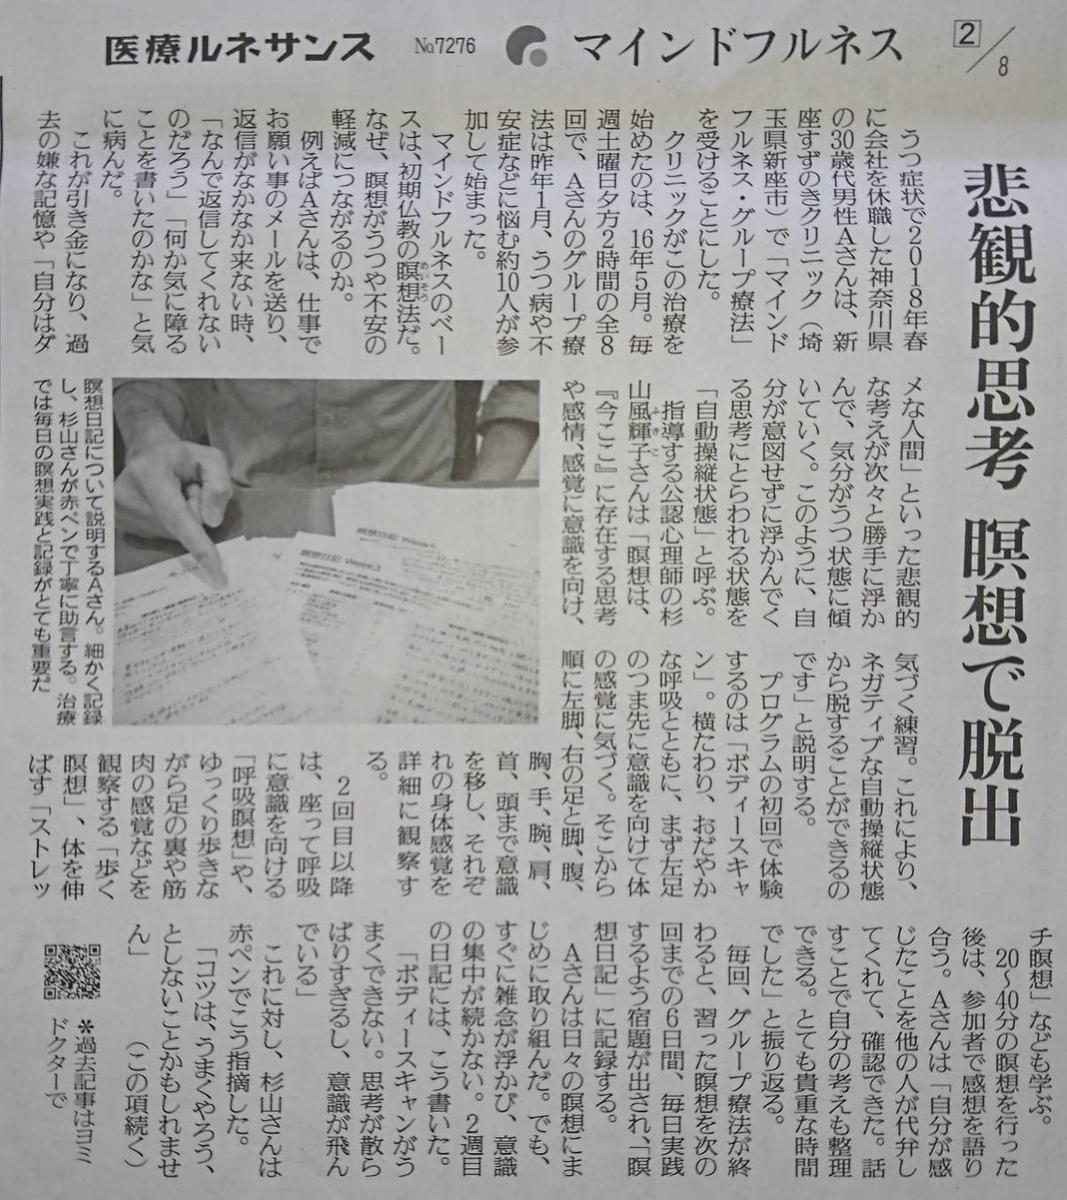 f:id:kazura-kobayashi:20200709103638j:plain